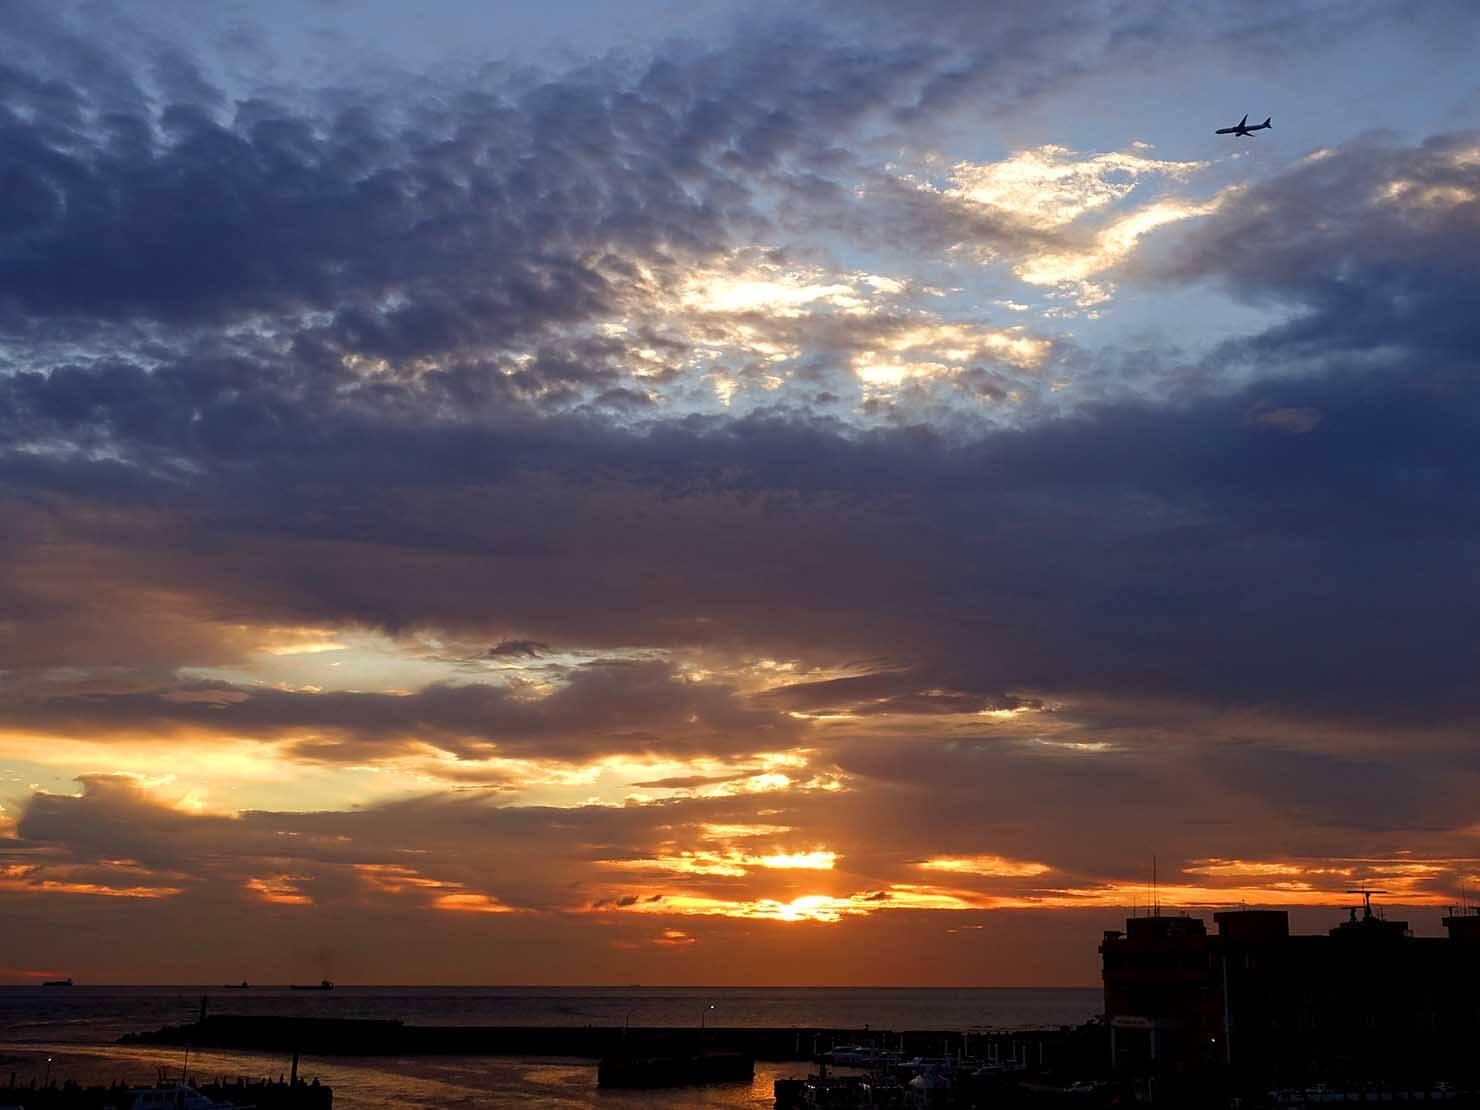 台北・淡水のおすすスポット「漁人碼頭」から眺める夕暮れの空